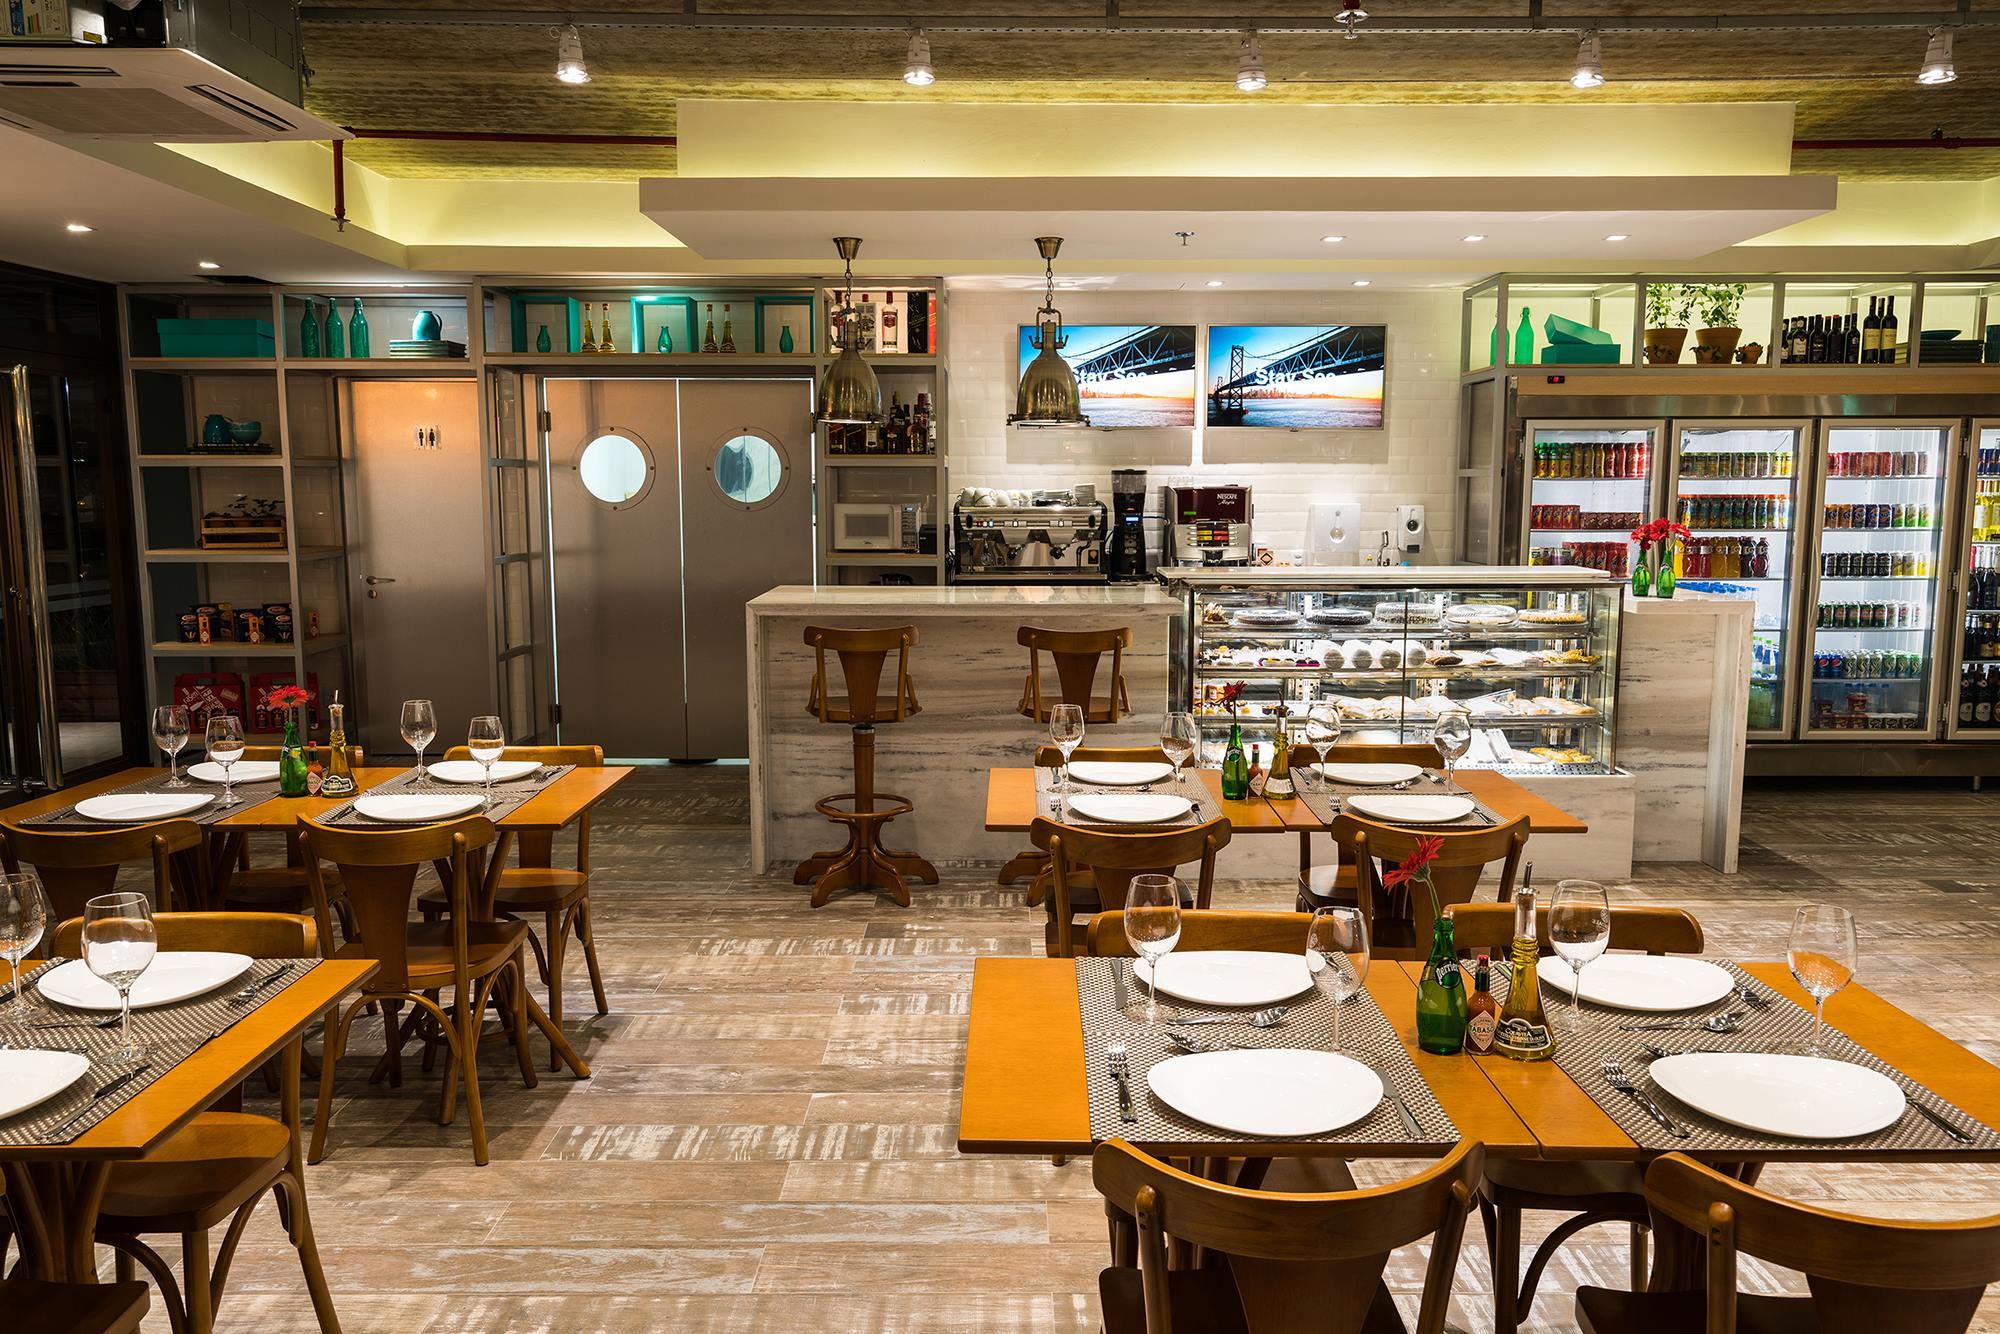 111-Bistro-e-Cafe-2